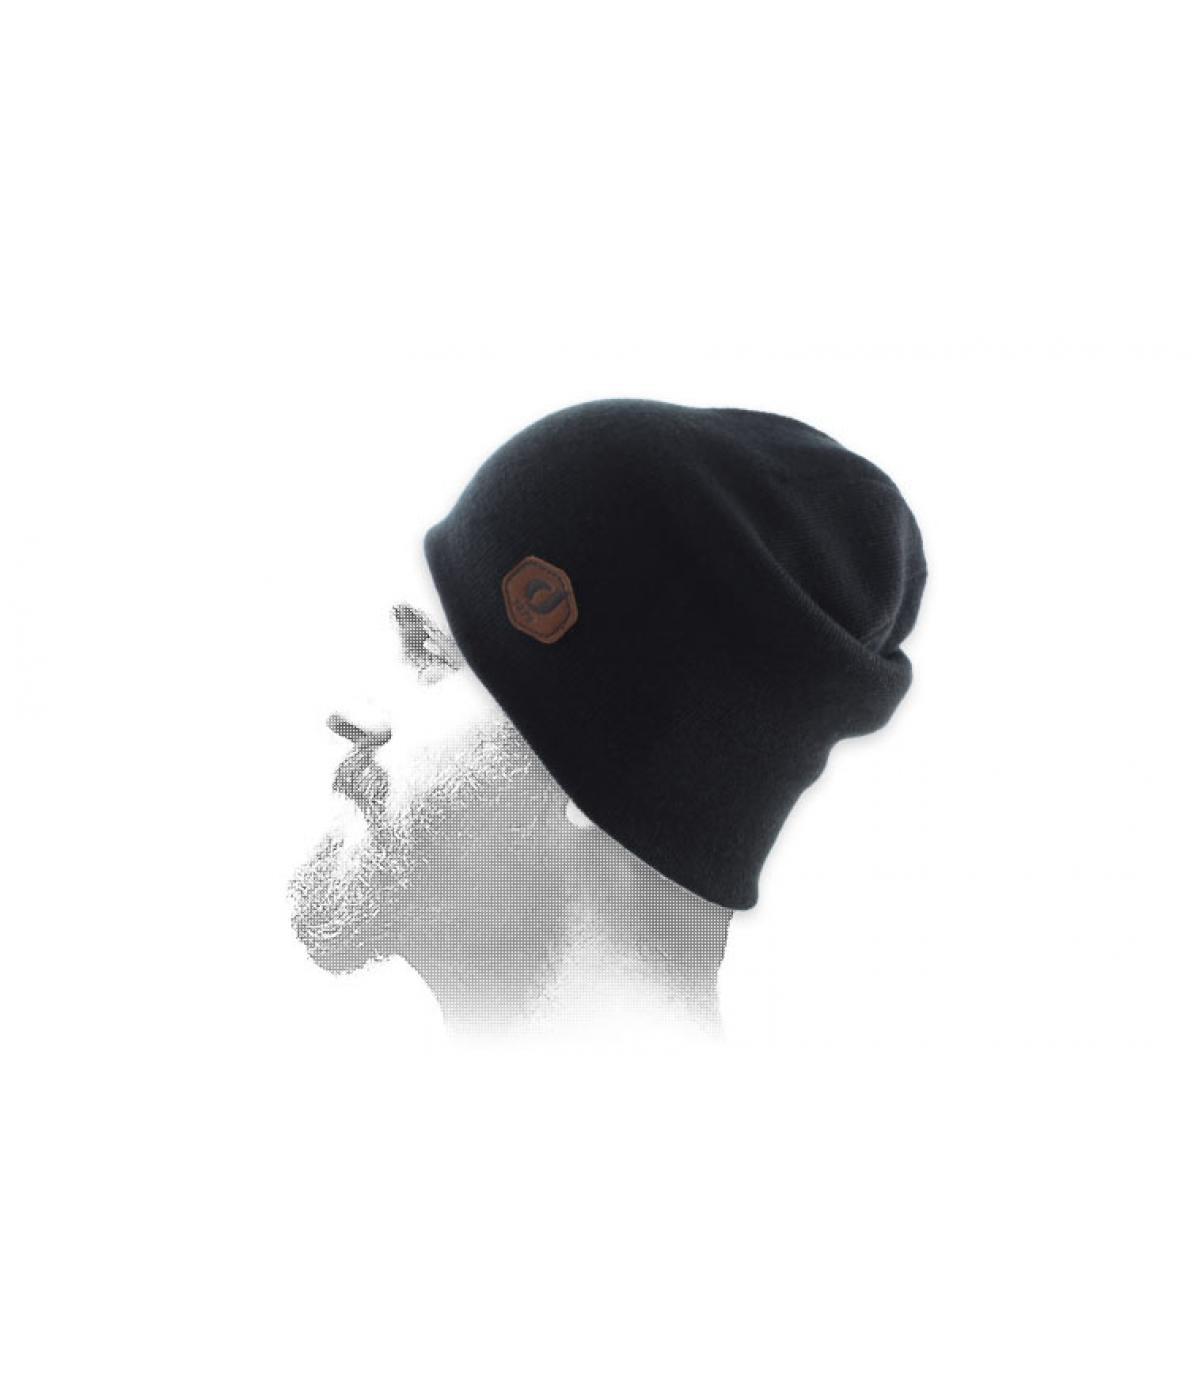 cappello nero del cuffia della patch